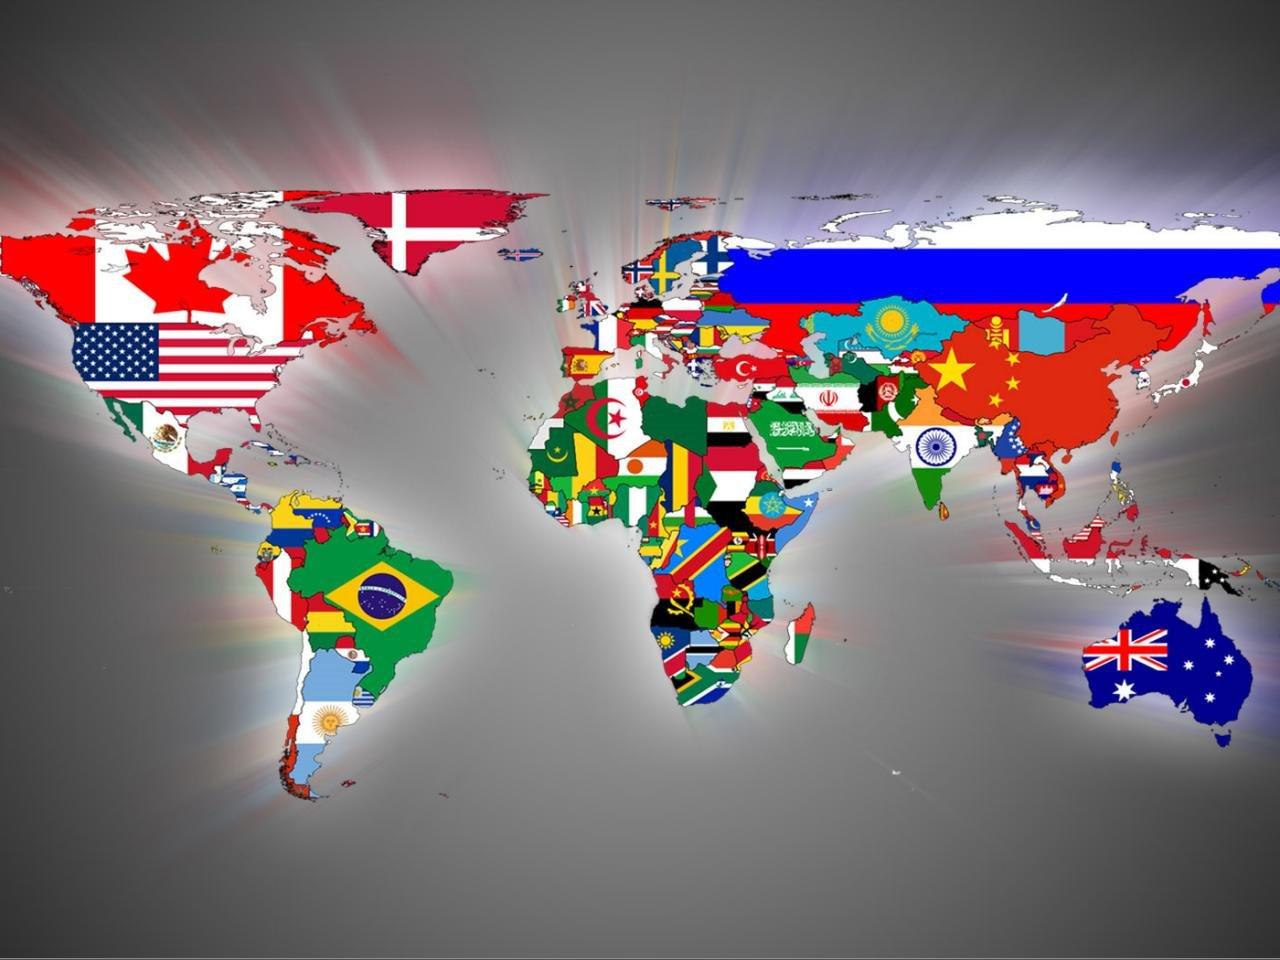 2019 оны Дэлхийн шилдэг 10 улсыг танилцуулж байна.